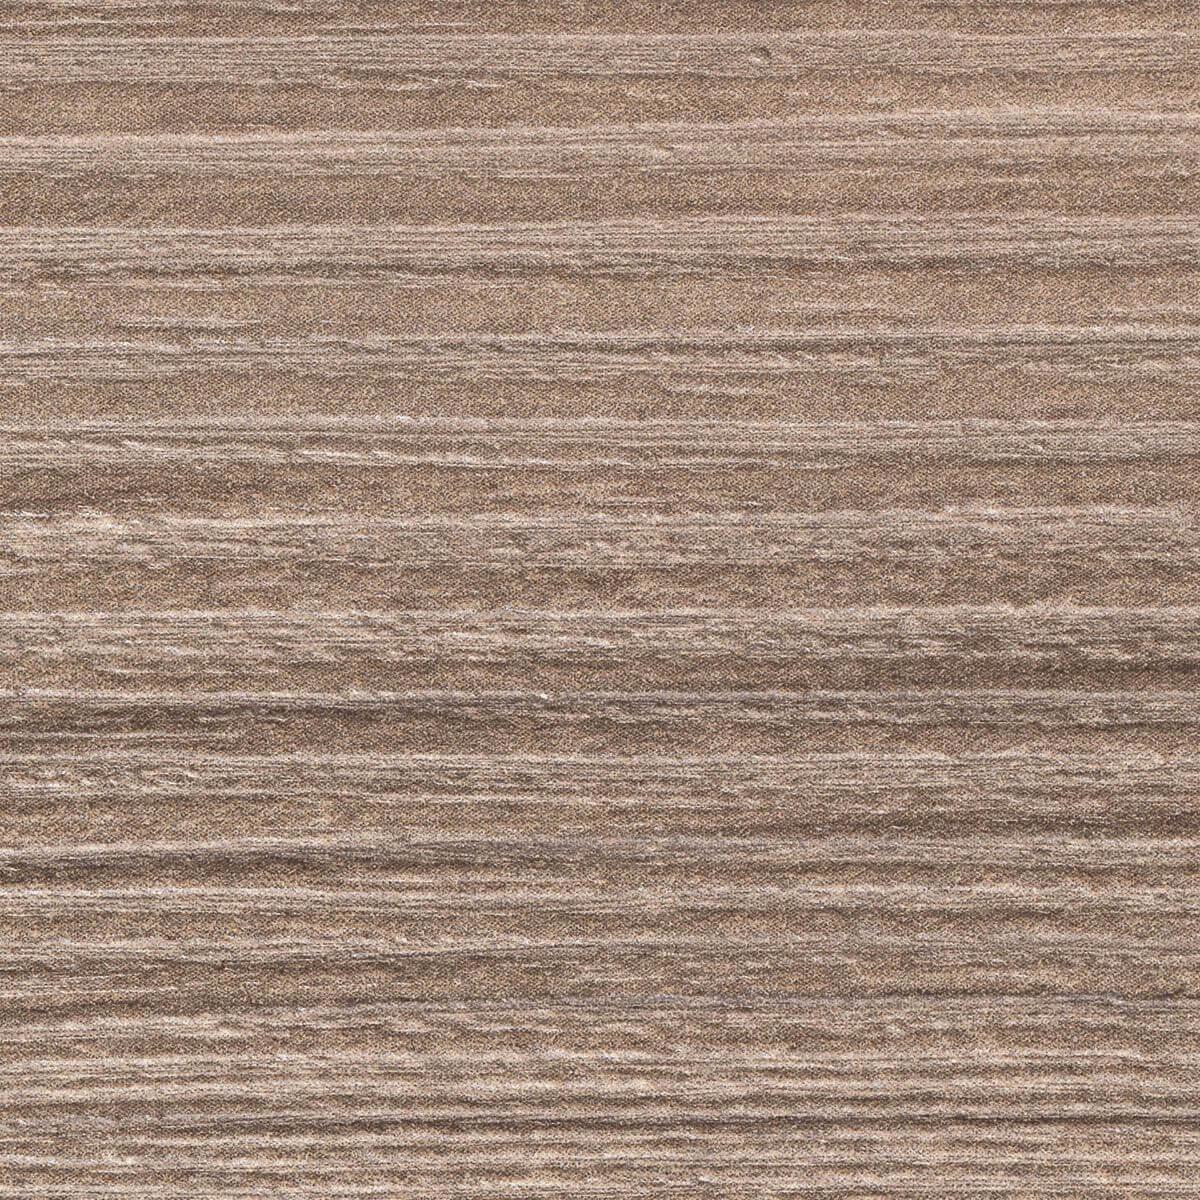 Finitura legno ciliegio marbella matrix per parete in vetro